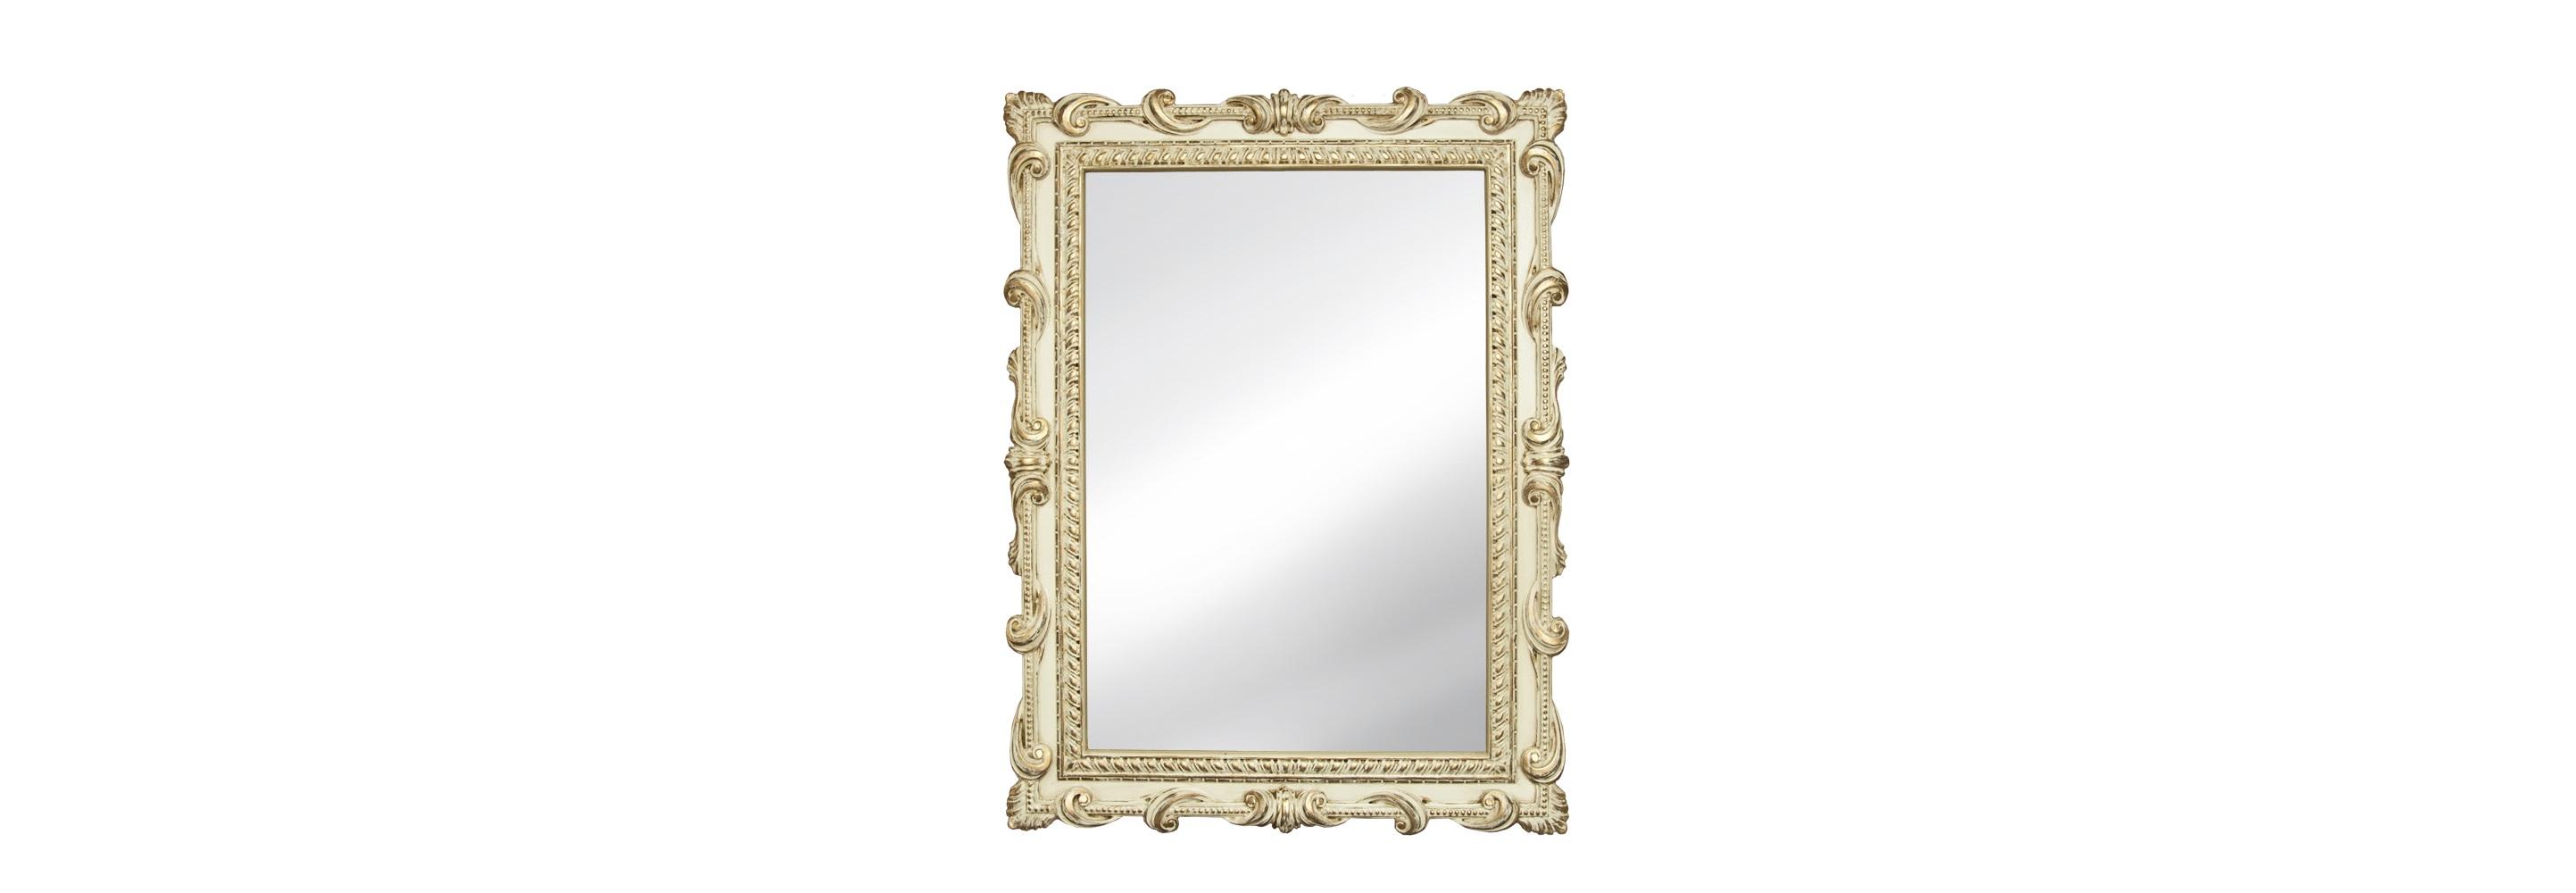 Зеркало ТЕНИАНастенные зеркала<br>&amp;lt;div&amp;gt;Прямоугольное зеркало в классическом стиле с изысканным резным обрамлением напоминает старинные предметы искусства. Однако выполнена рама из самых современных композитных материалов, а винтажного эффекта добились сложным окрашиванием и искусственным состариванием. Поверхность полиуретана очень прочна, не боится влаги, поэтому зеркало можно использовать в ванной комнате.&amp;lt;/div&amp;gt;&amp;lt;div&amp;gt;&amp;lt;br&amp;gt;&amp;lt;/div&amp;gt;&amp;lt;div&amp;gt;Цвет:&amp;amp;nbsp;Слоновая кость Золото Патина&amp;lt;/div&amp;gt;<br><br>Material: Полиуретан<br>Ширина см: 72<br>Высота см: 94<br>Глубина см: 4